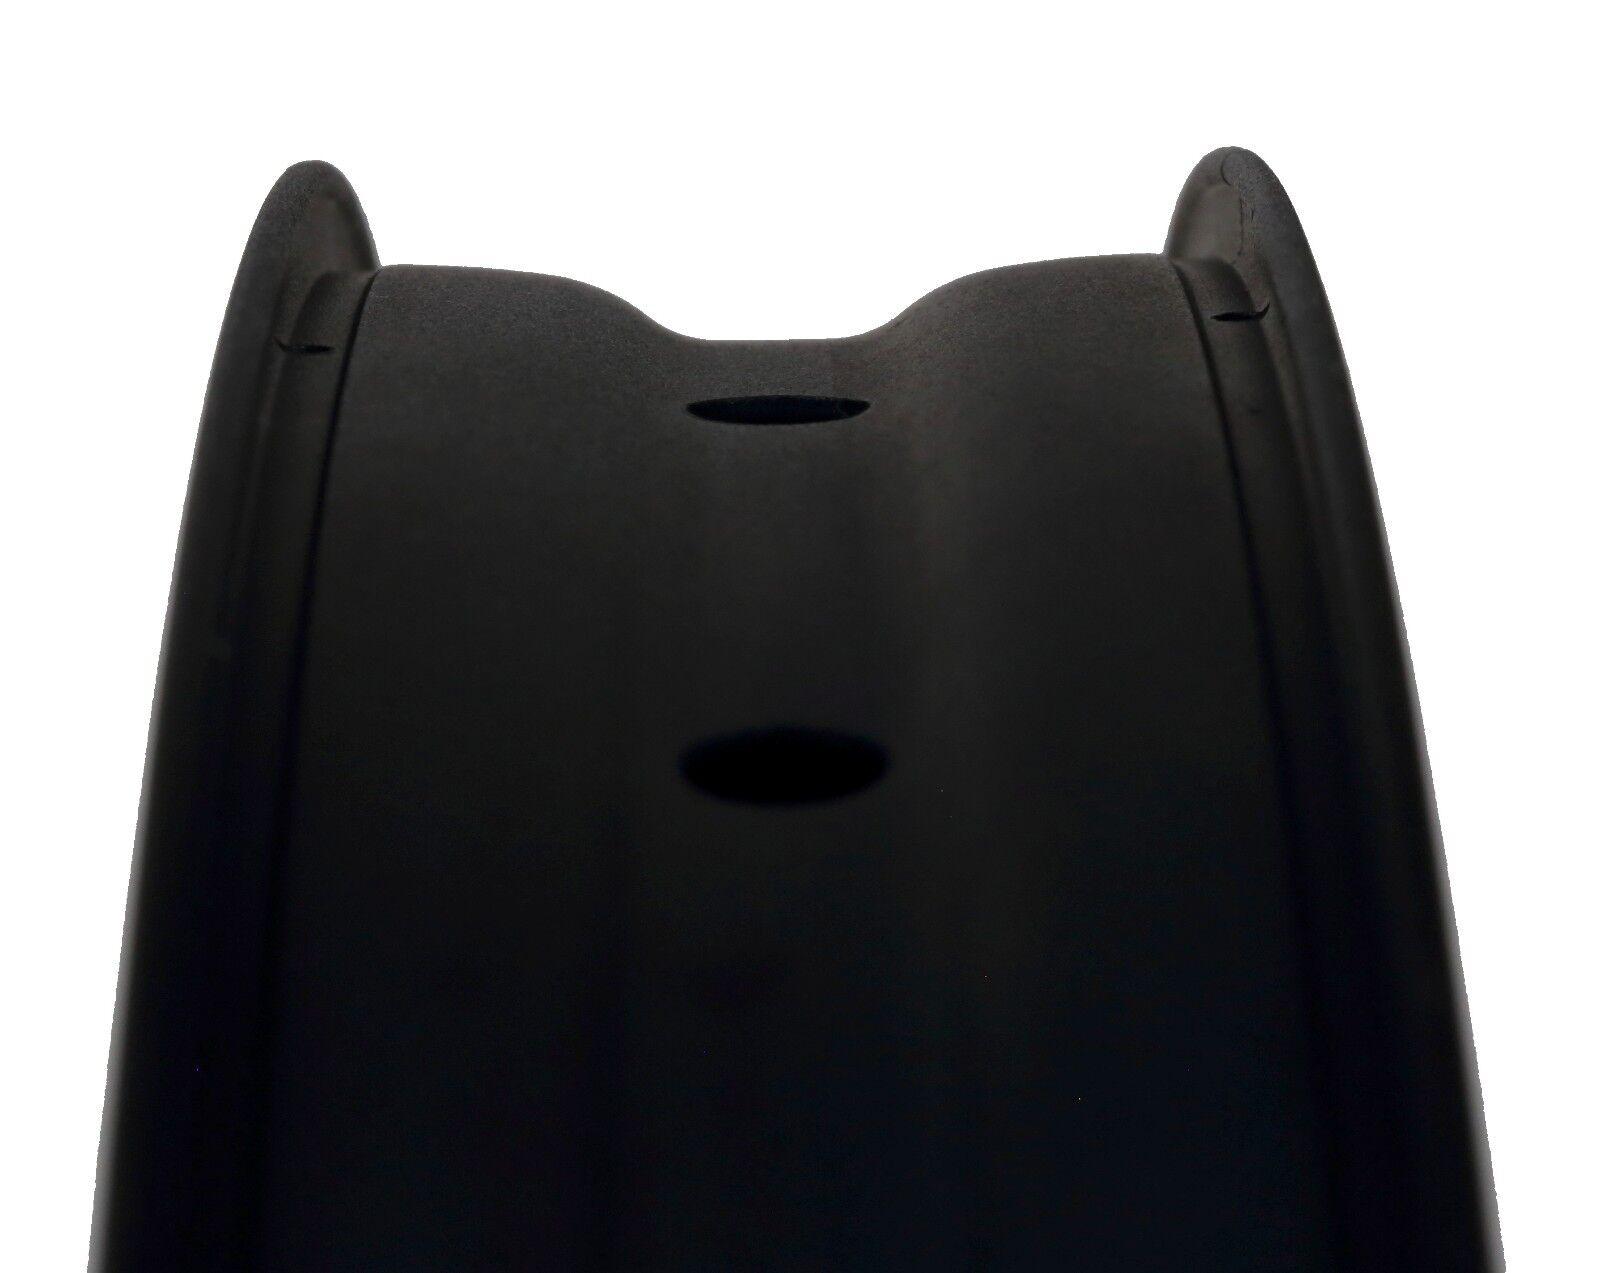 Erdmann 650b Plus FATBIKE Llanta (arenado) 50mm negro mate (arenado) Llanta 740 gramos 902fc0